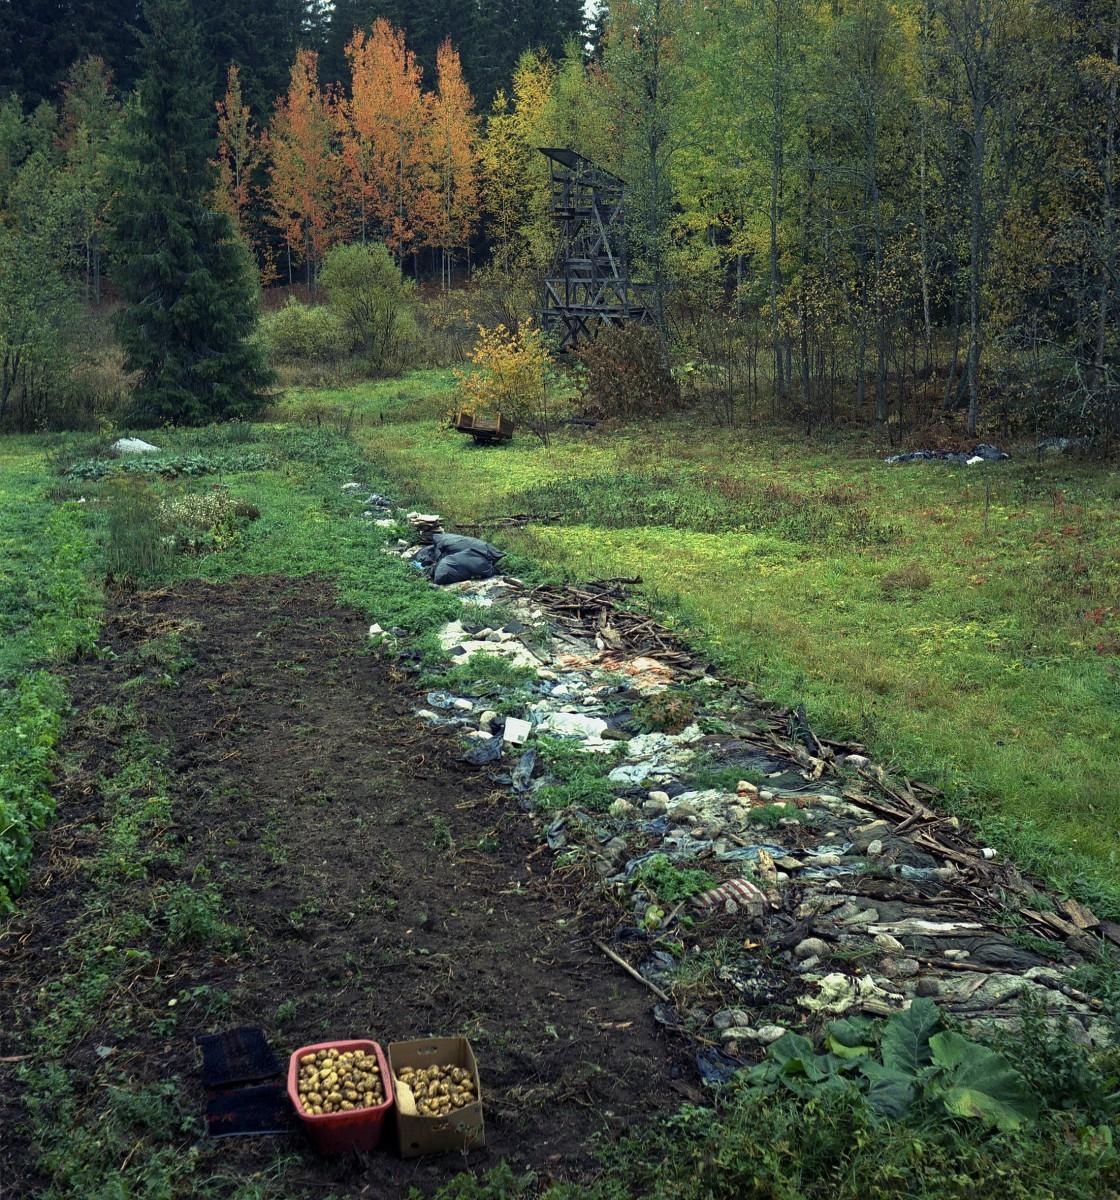 Land art-Earthworm field10